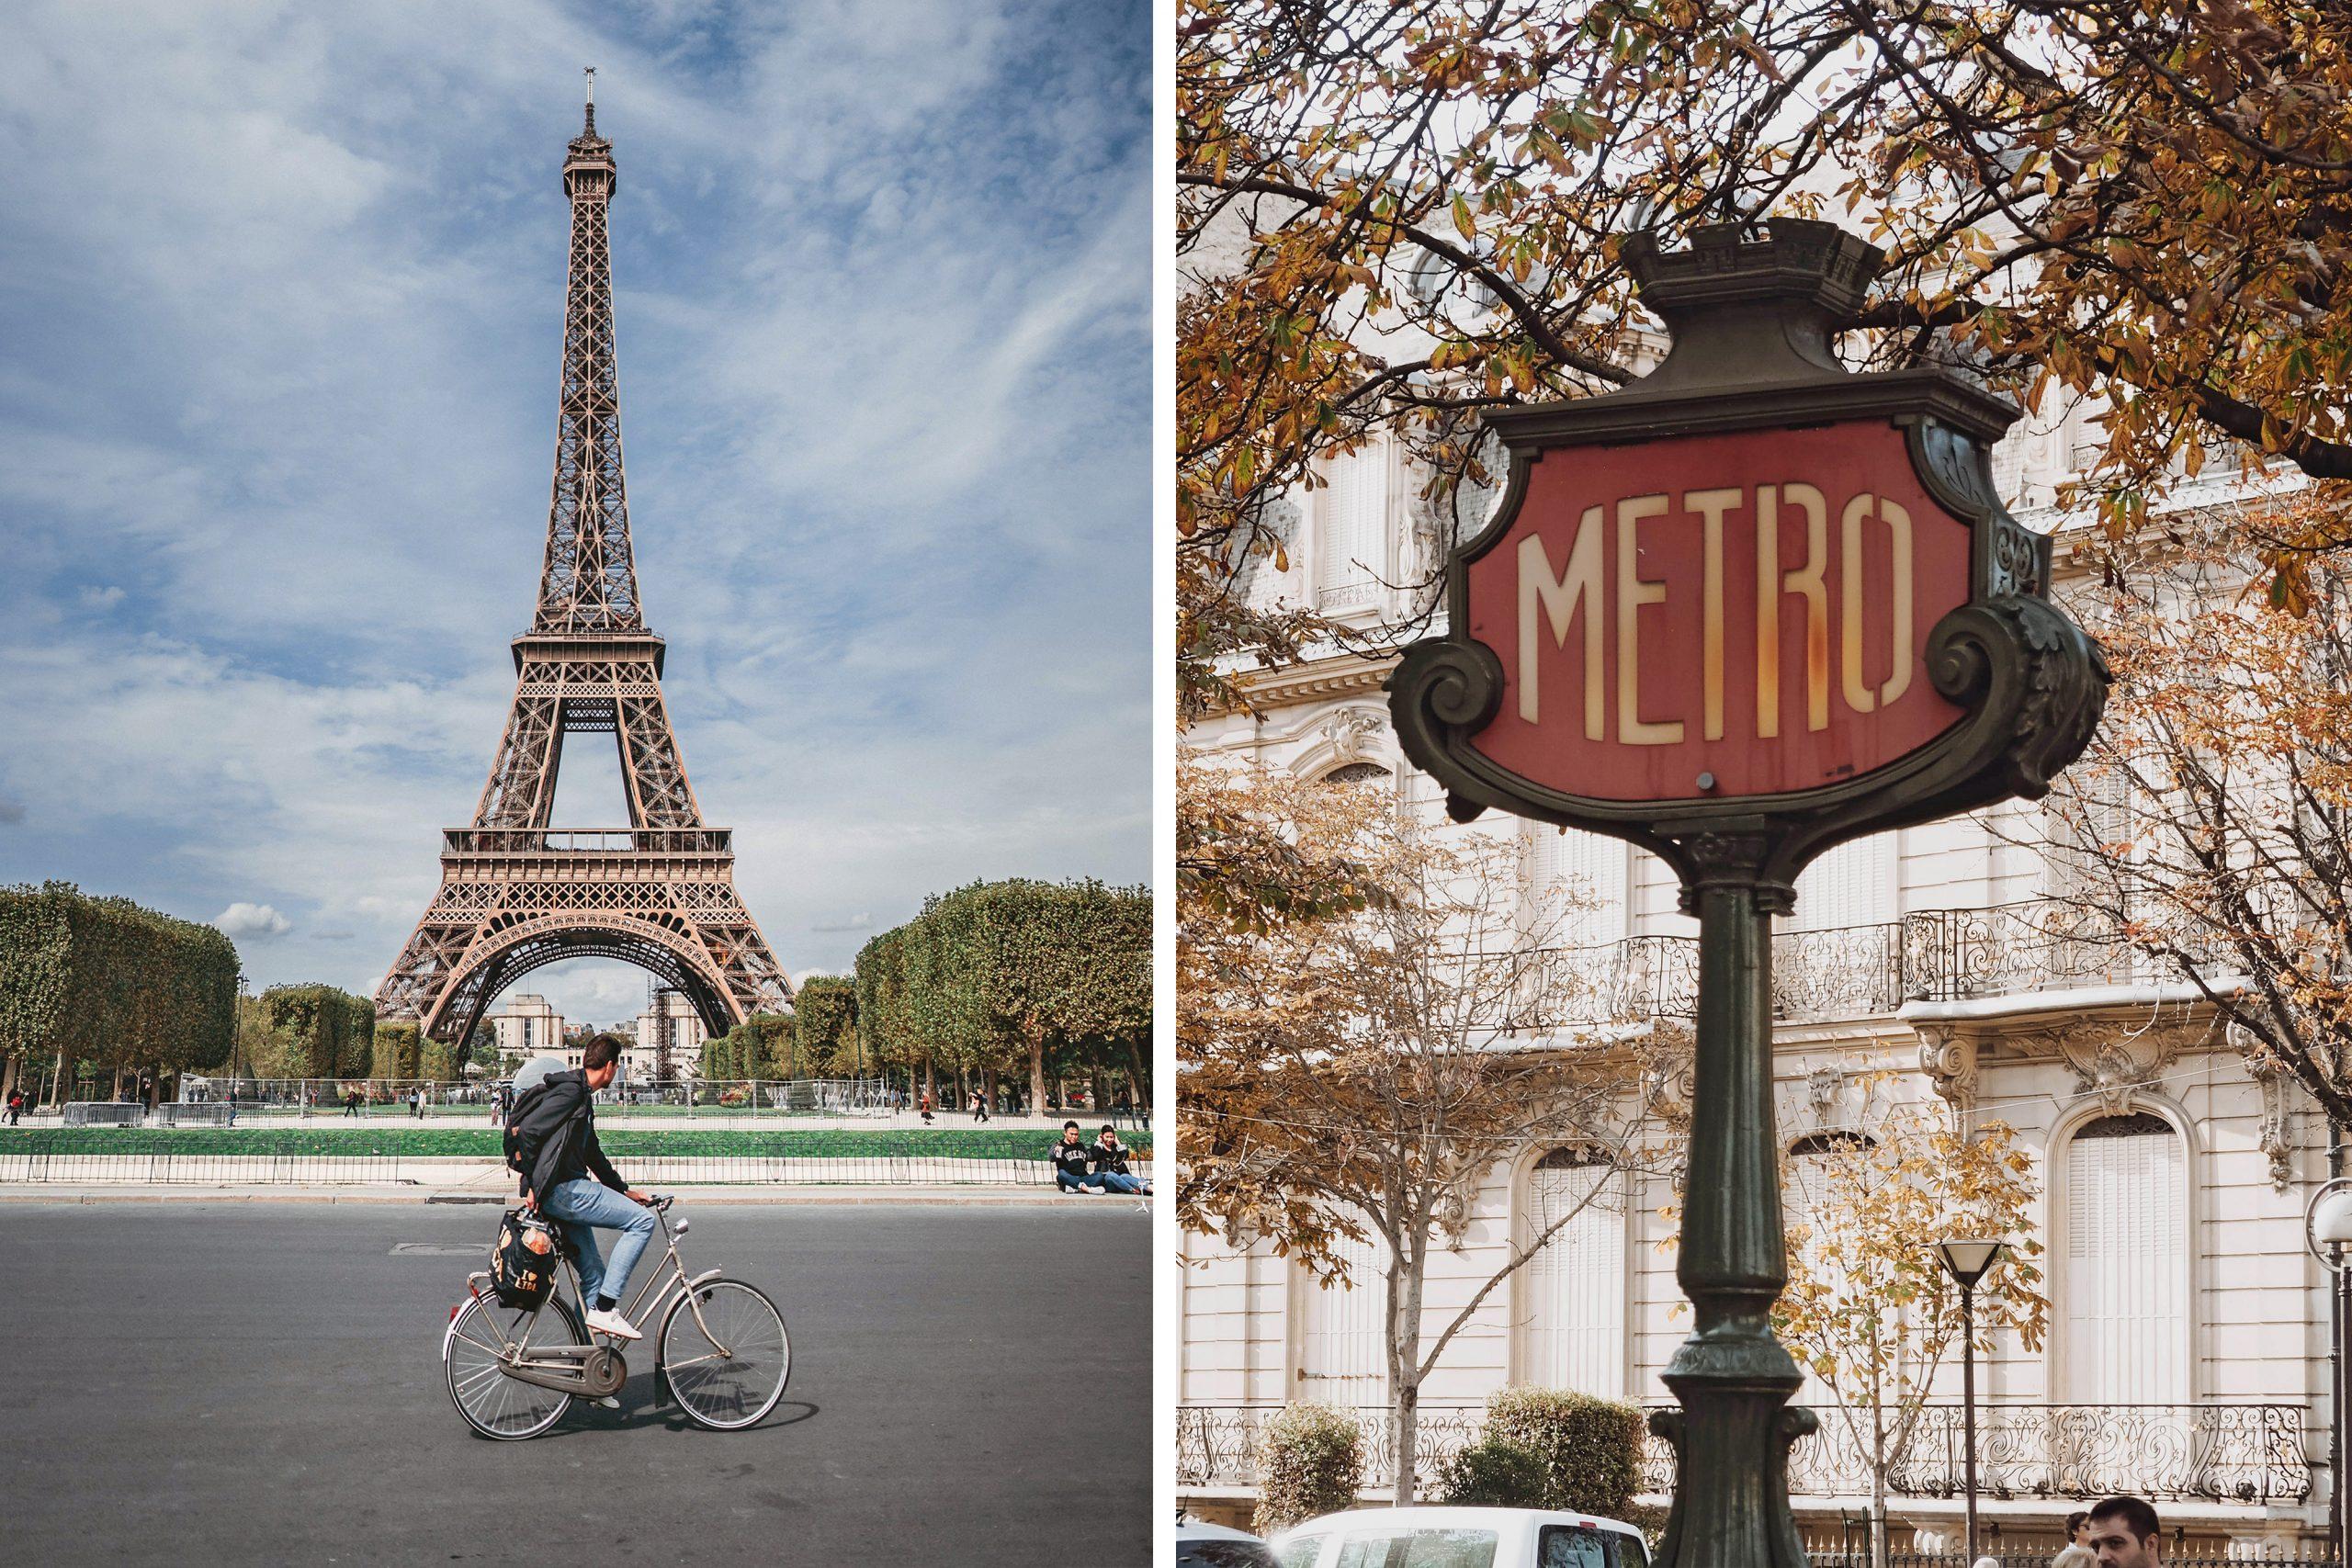 traffico alternative mobilità sostenibile